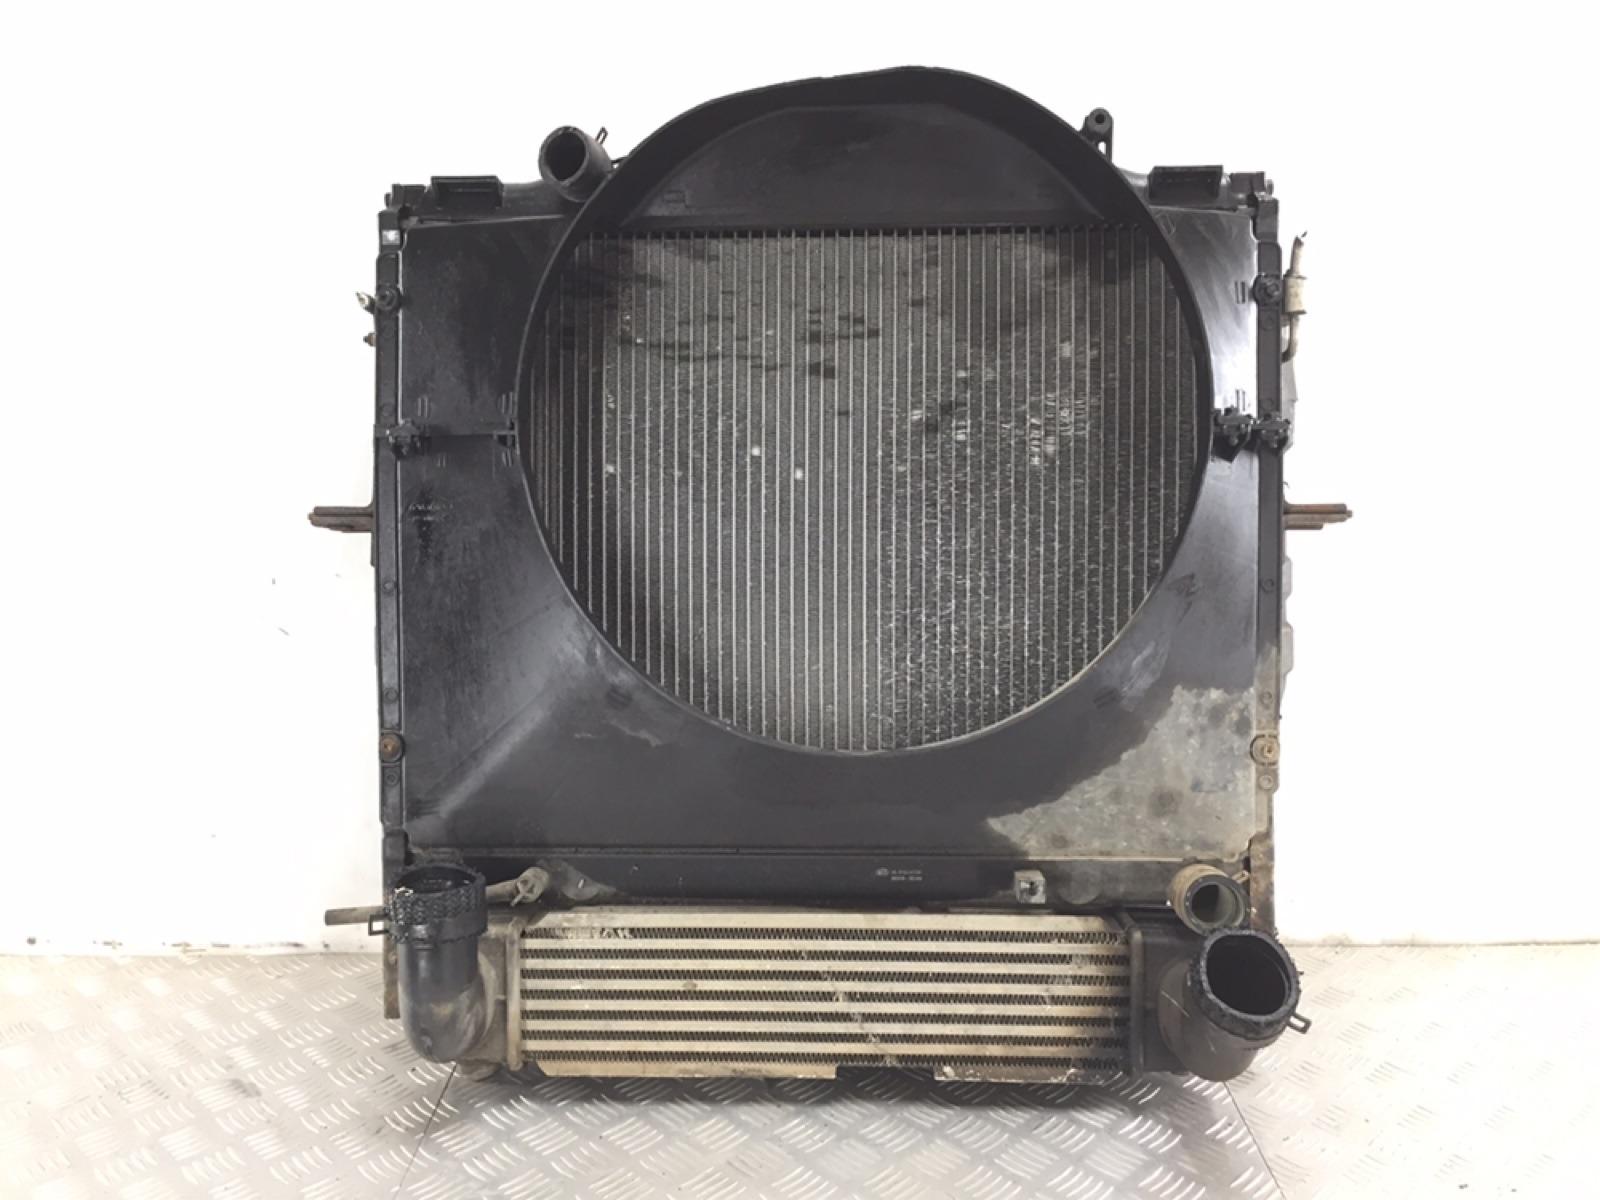 Кассета радиаторов Kia Sorento 2.5 CRDI 2004 (б/у)